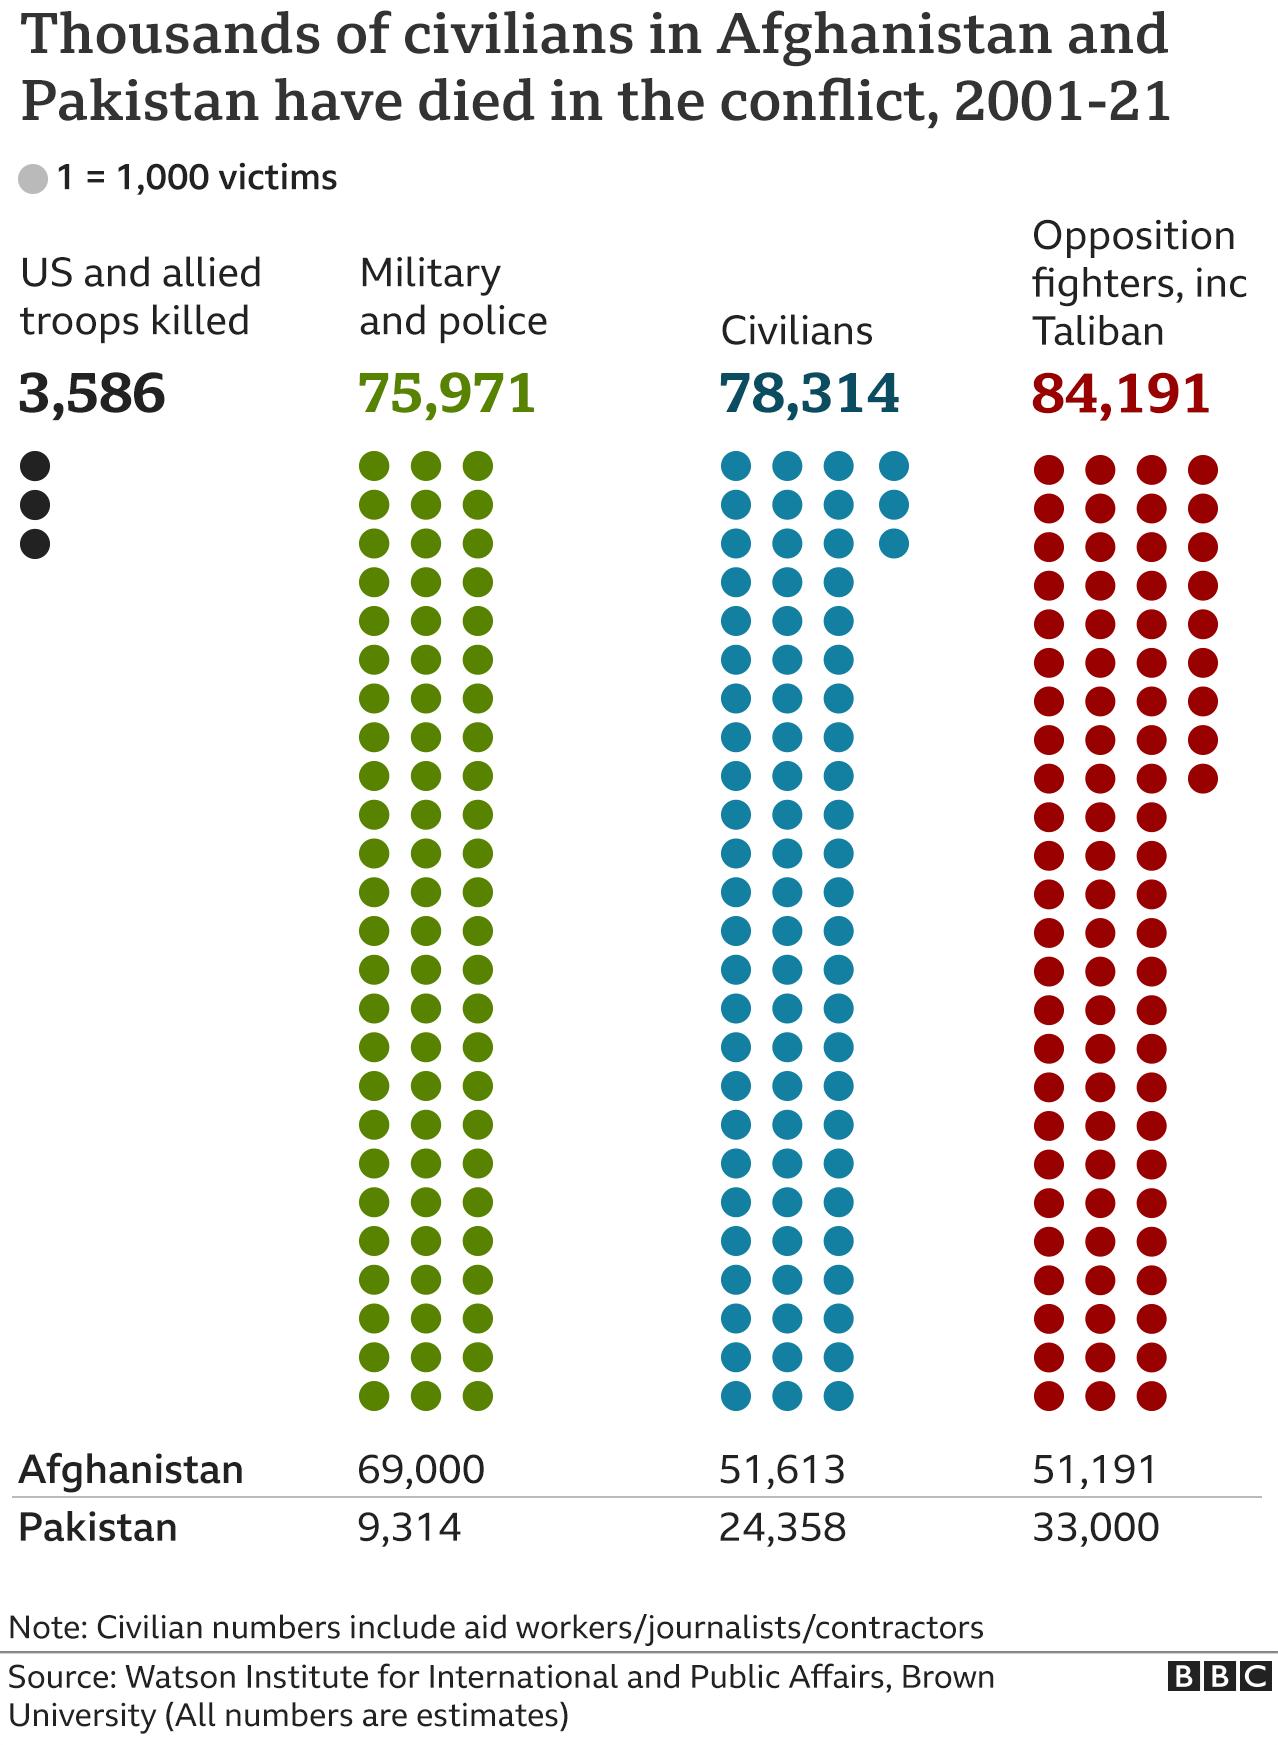 Διάγραμμα που δείχνει τον αριθμό των θυμάτων ως αποτέλεσμα των συγκρούσεων στο Αφγανιστάν